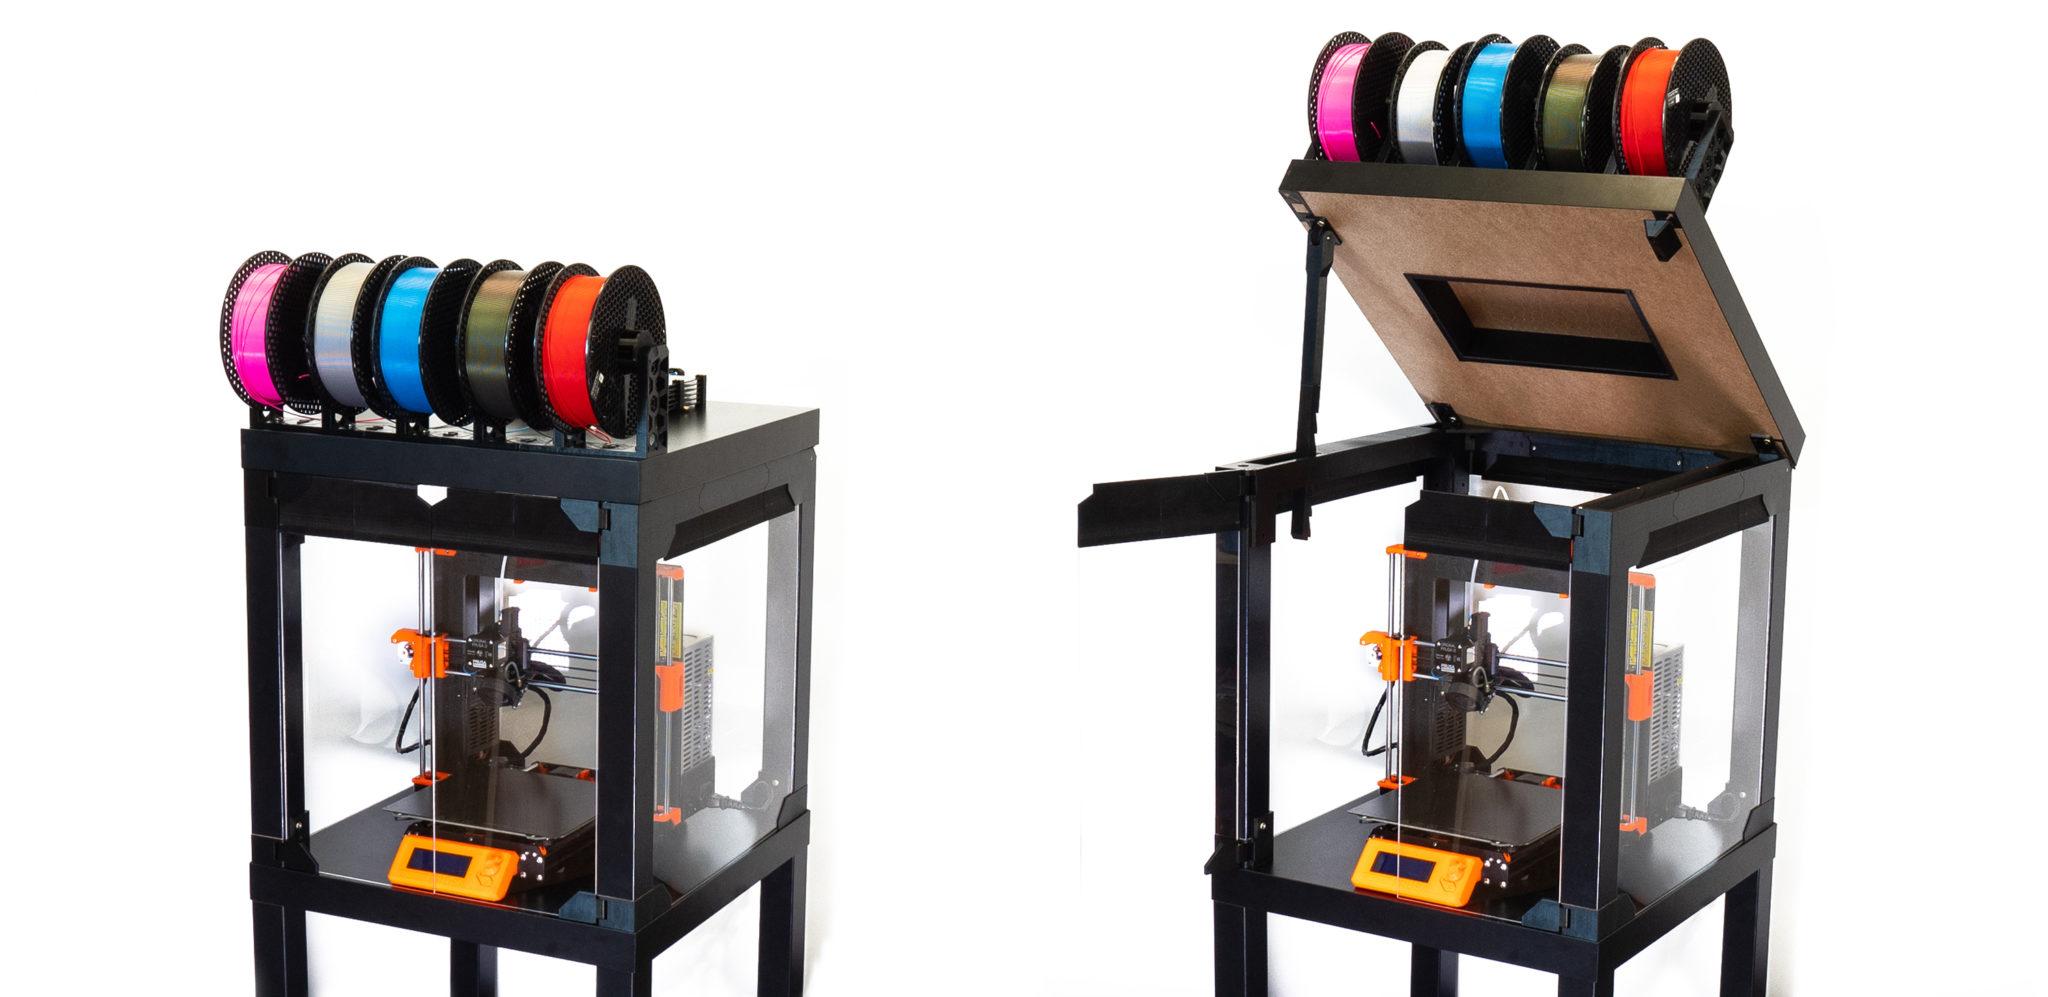 Jak vyrobit box na 3D tiskárnu Original Prusa i3 s MMU2S – kompletní návod